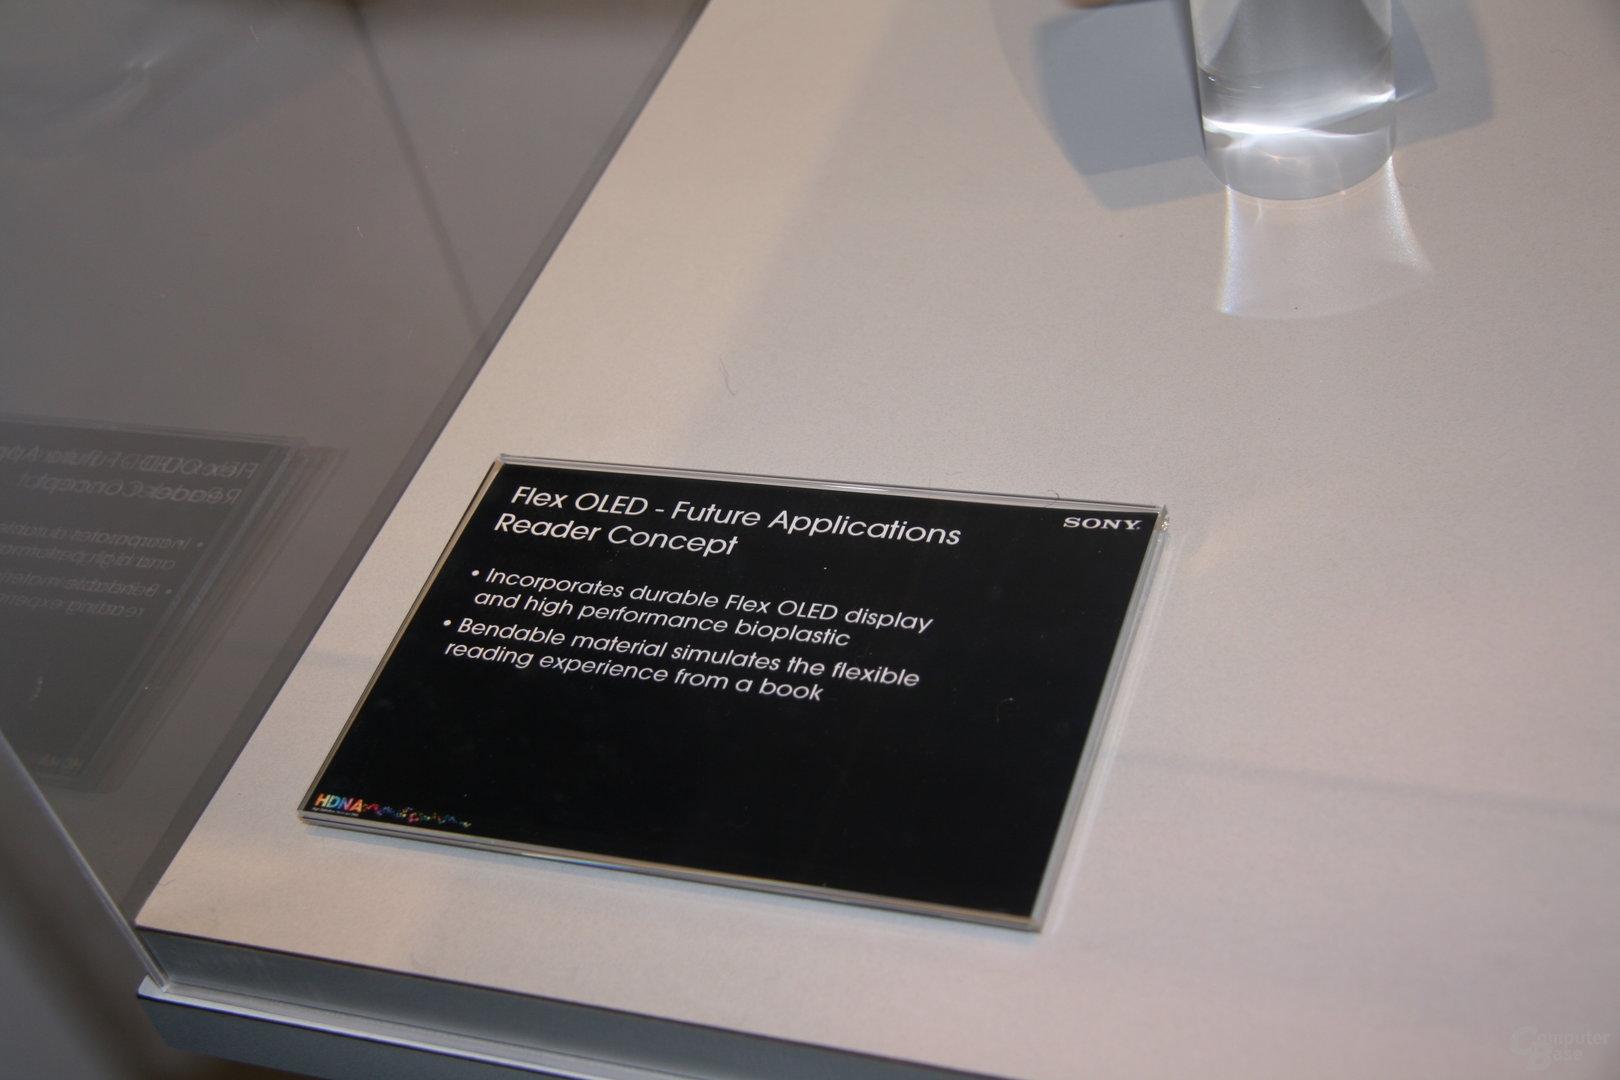 OLEDs von Sony auf der CES 2009